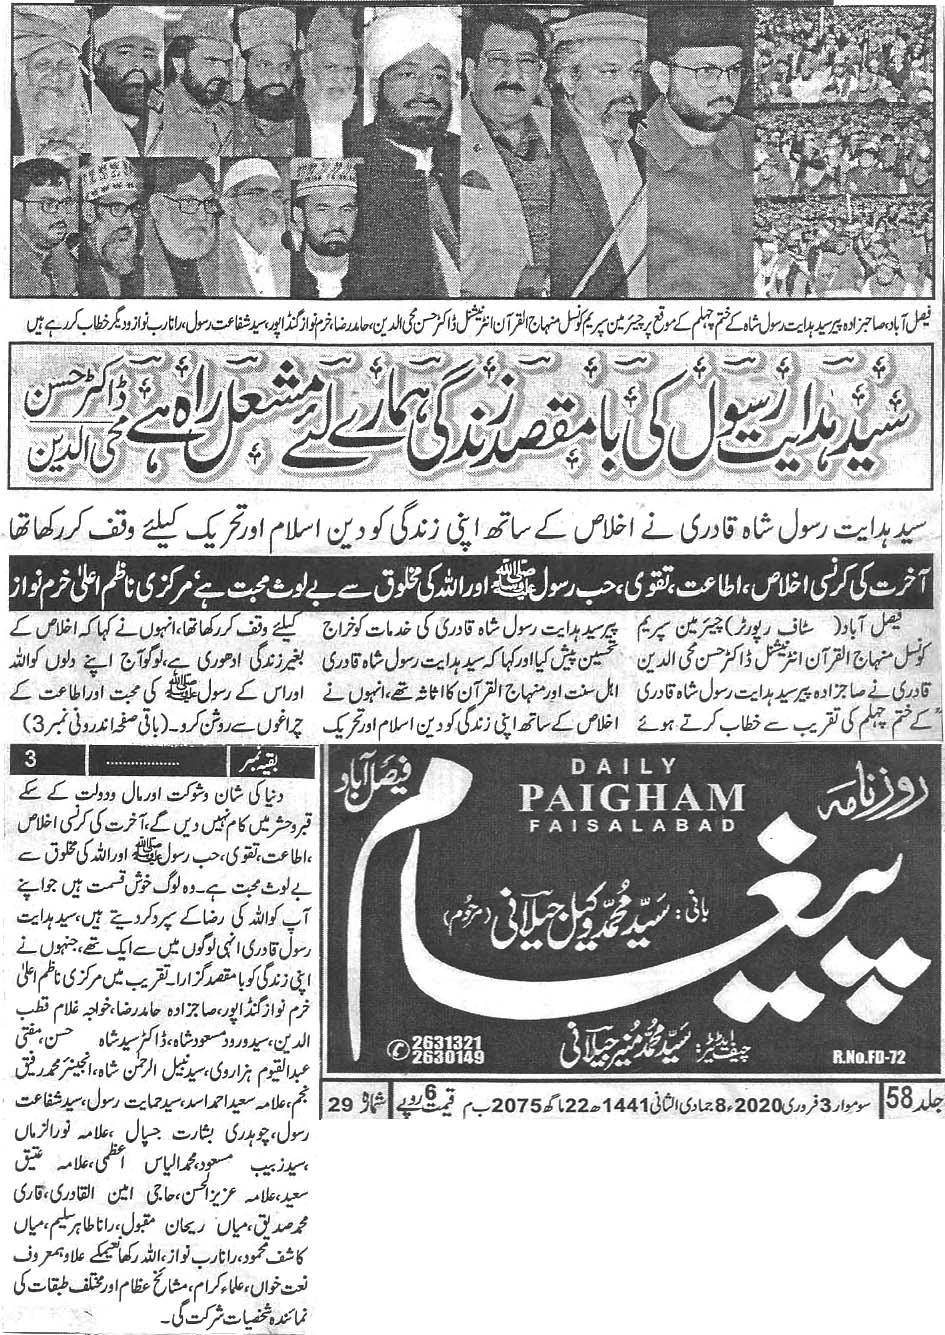 Minhaj-ul-Quran  Print Media Coverage Daily Paigham Back page